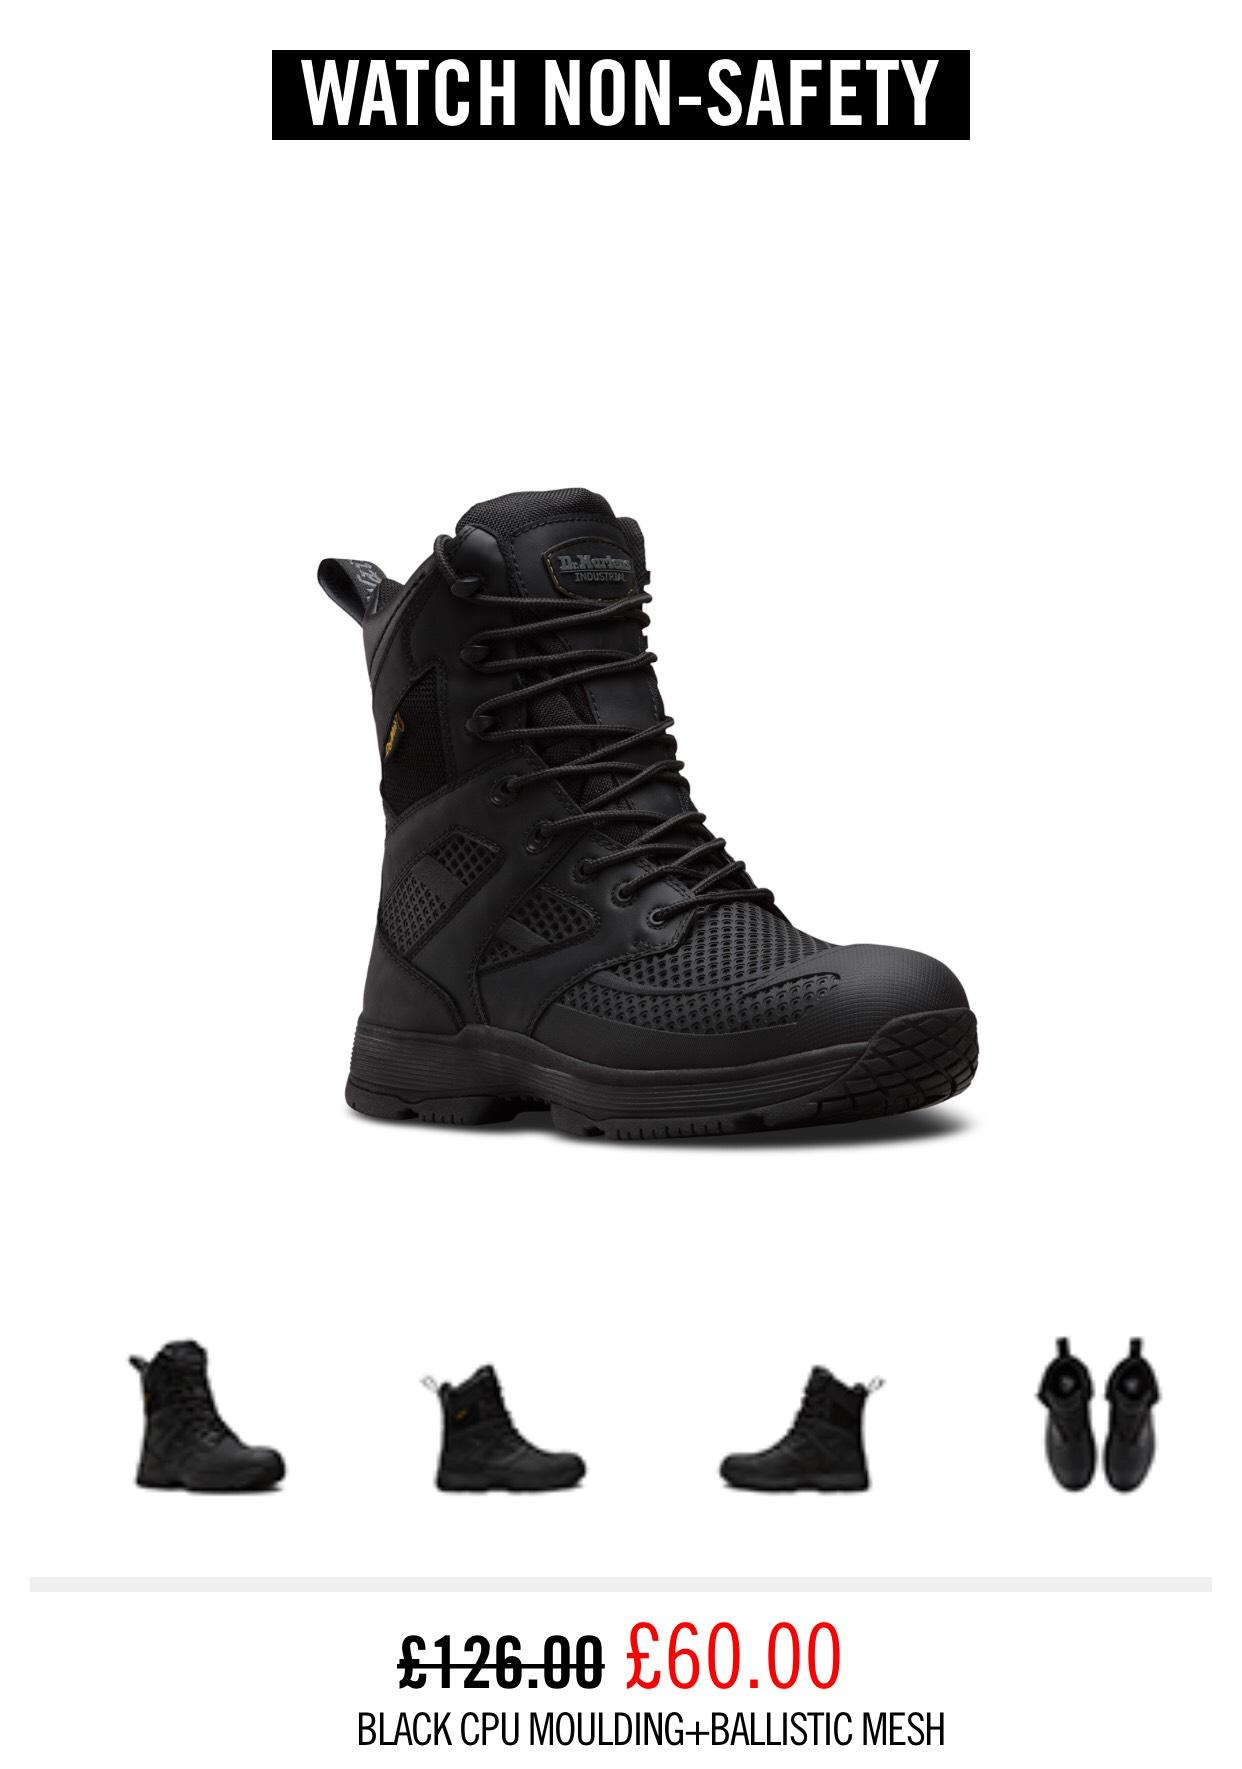 Dr Martens Industrial Boots - £60 delivered @ Dr Martens